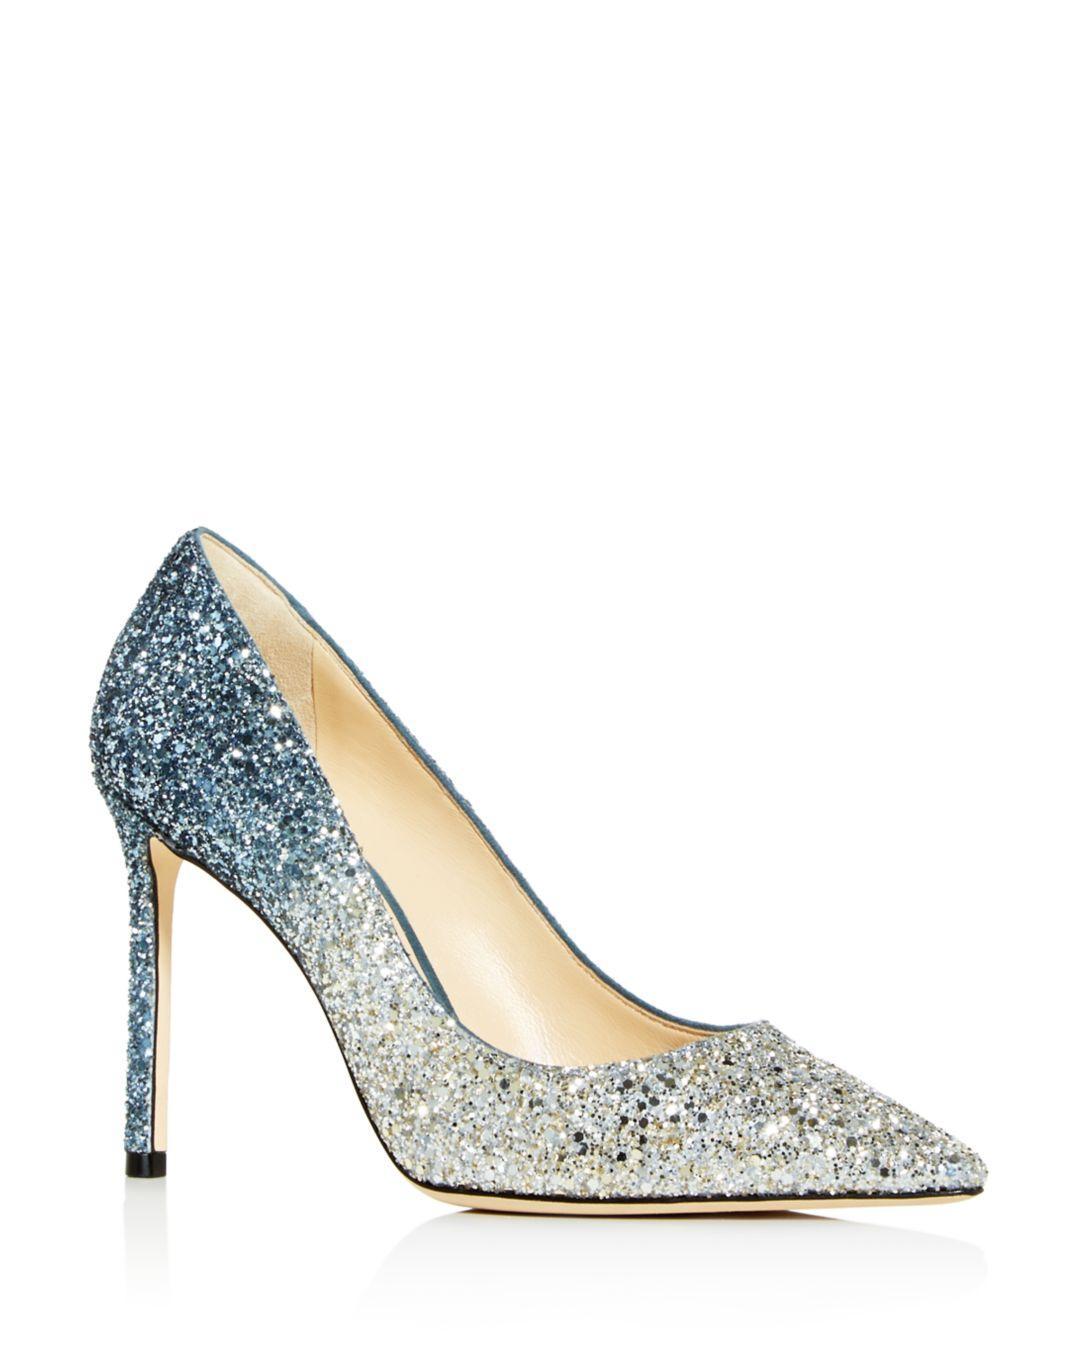 Jimmy Choo Womens Romy 100 High-heel Pointed Toe Pumps In